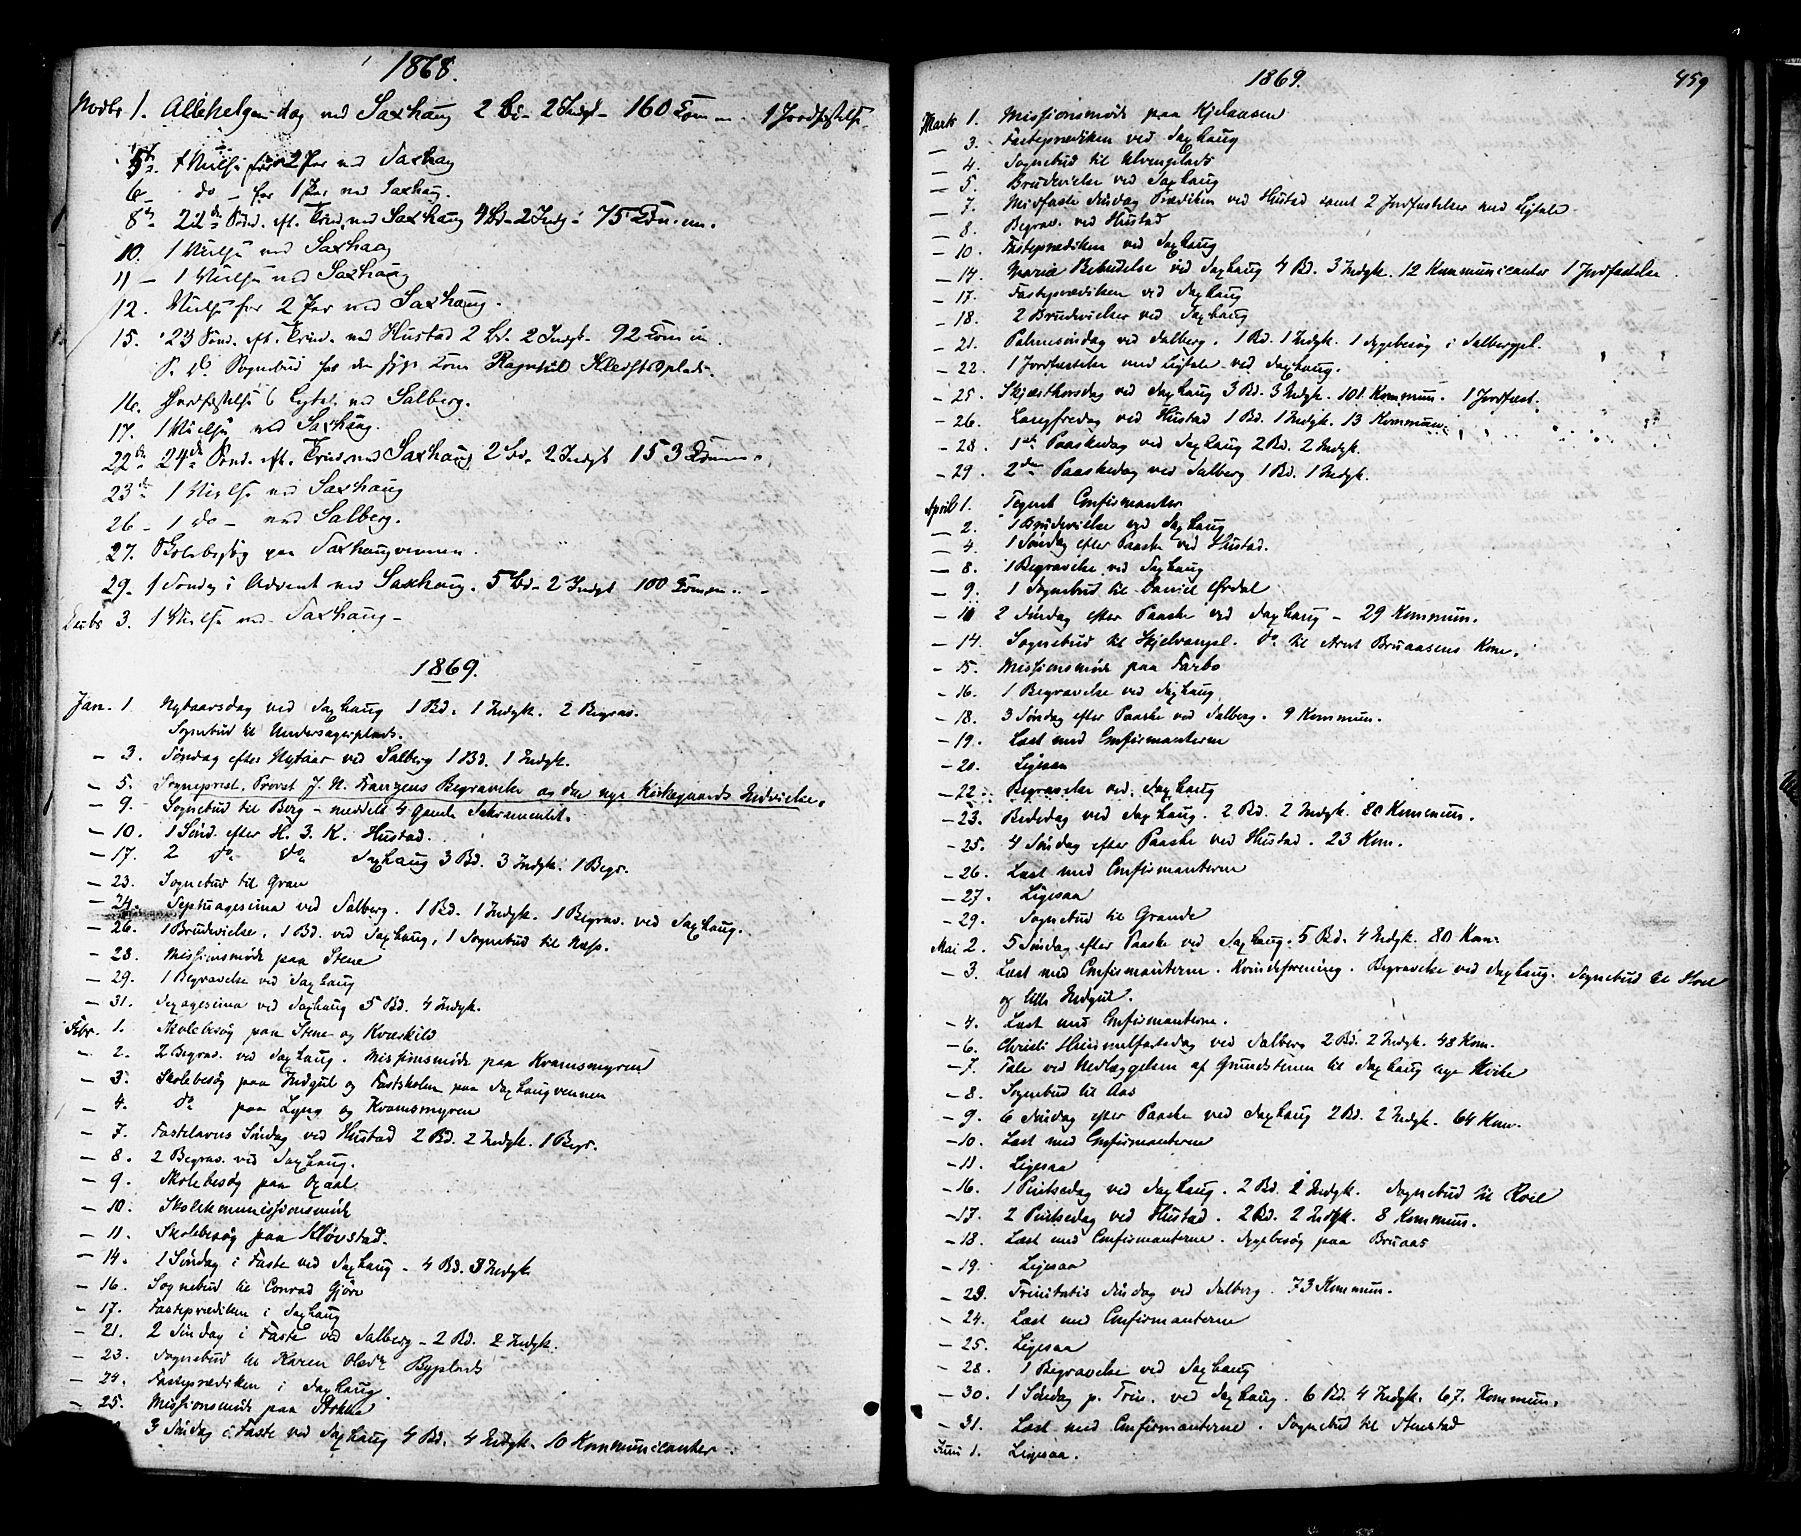 SAT, Ministerialprotokoller, klokkerbøker og fødselsregistre - Nord-Trøndelag, 730/L0284: Ministerialbok nr. 730A09, 1866-1878, s. 459